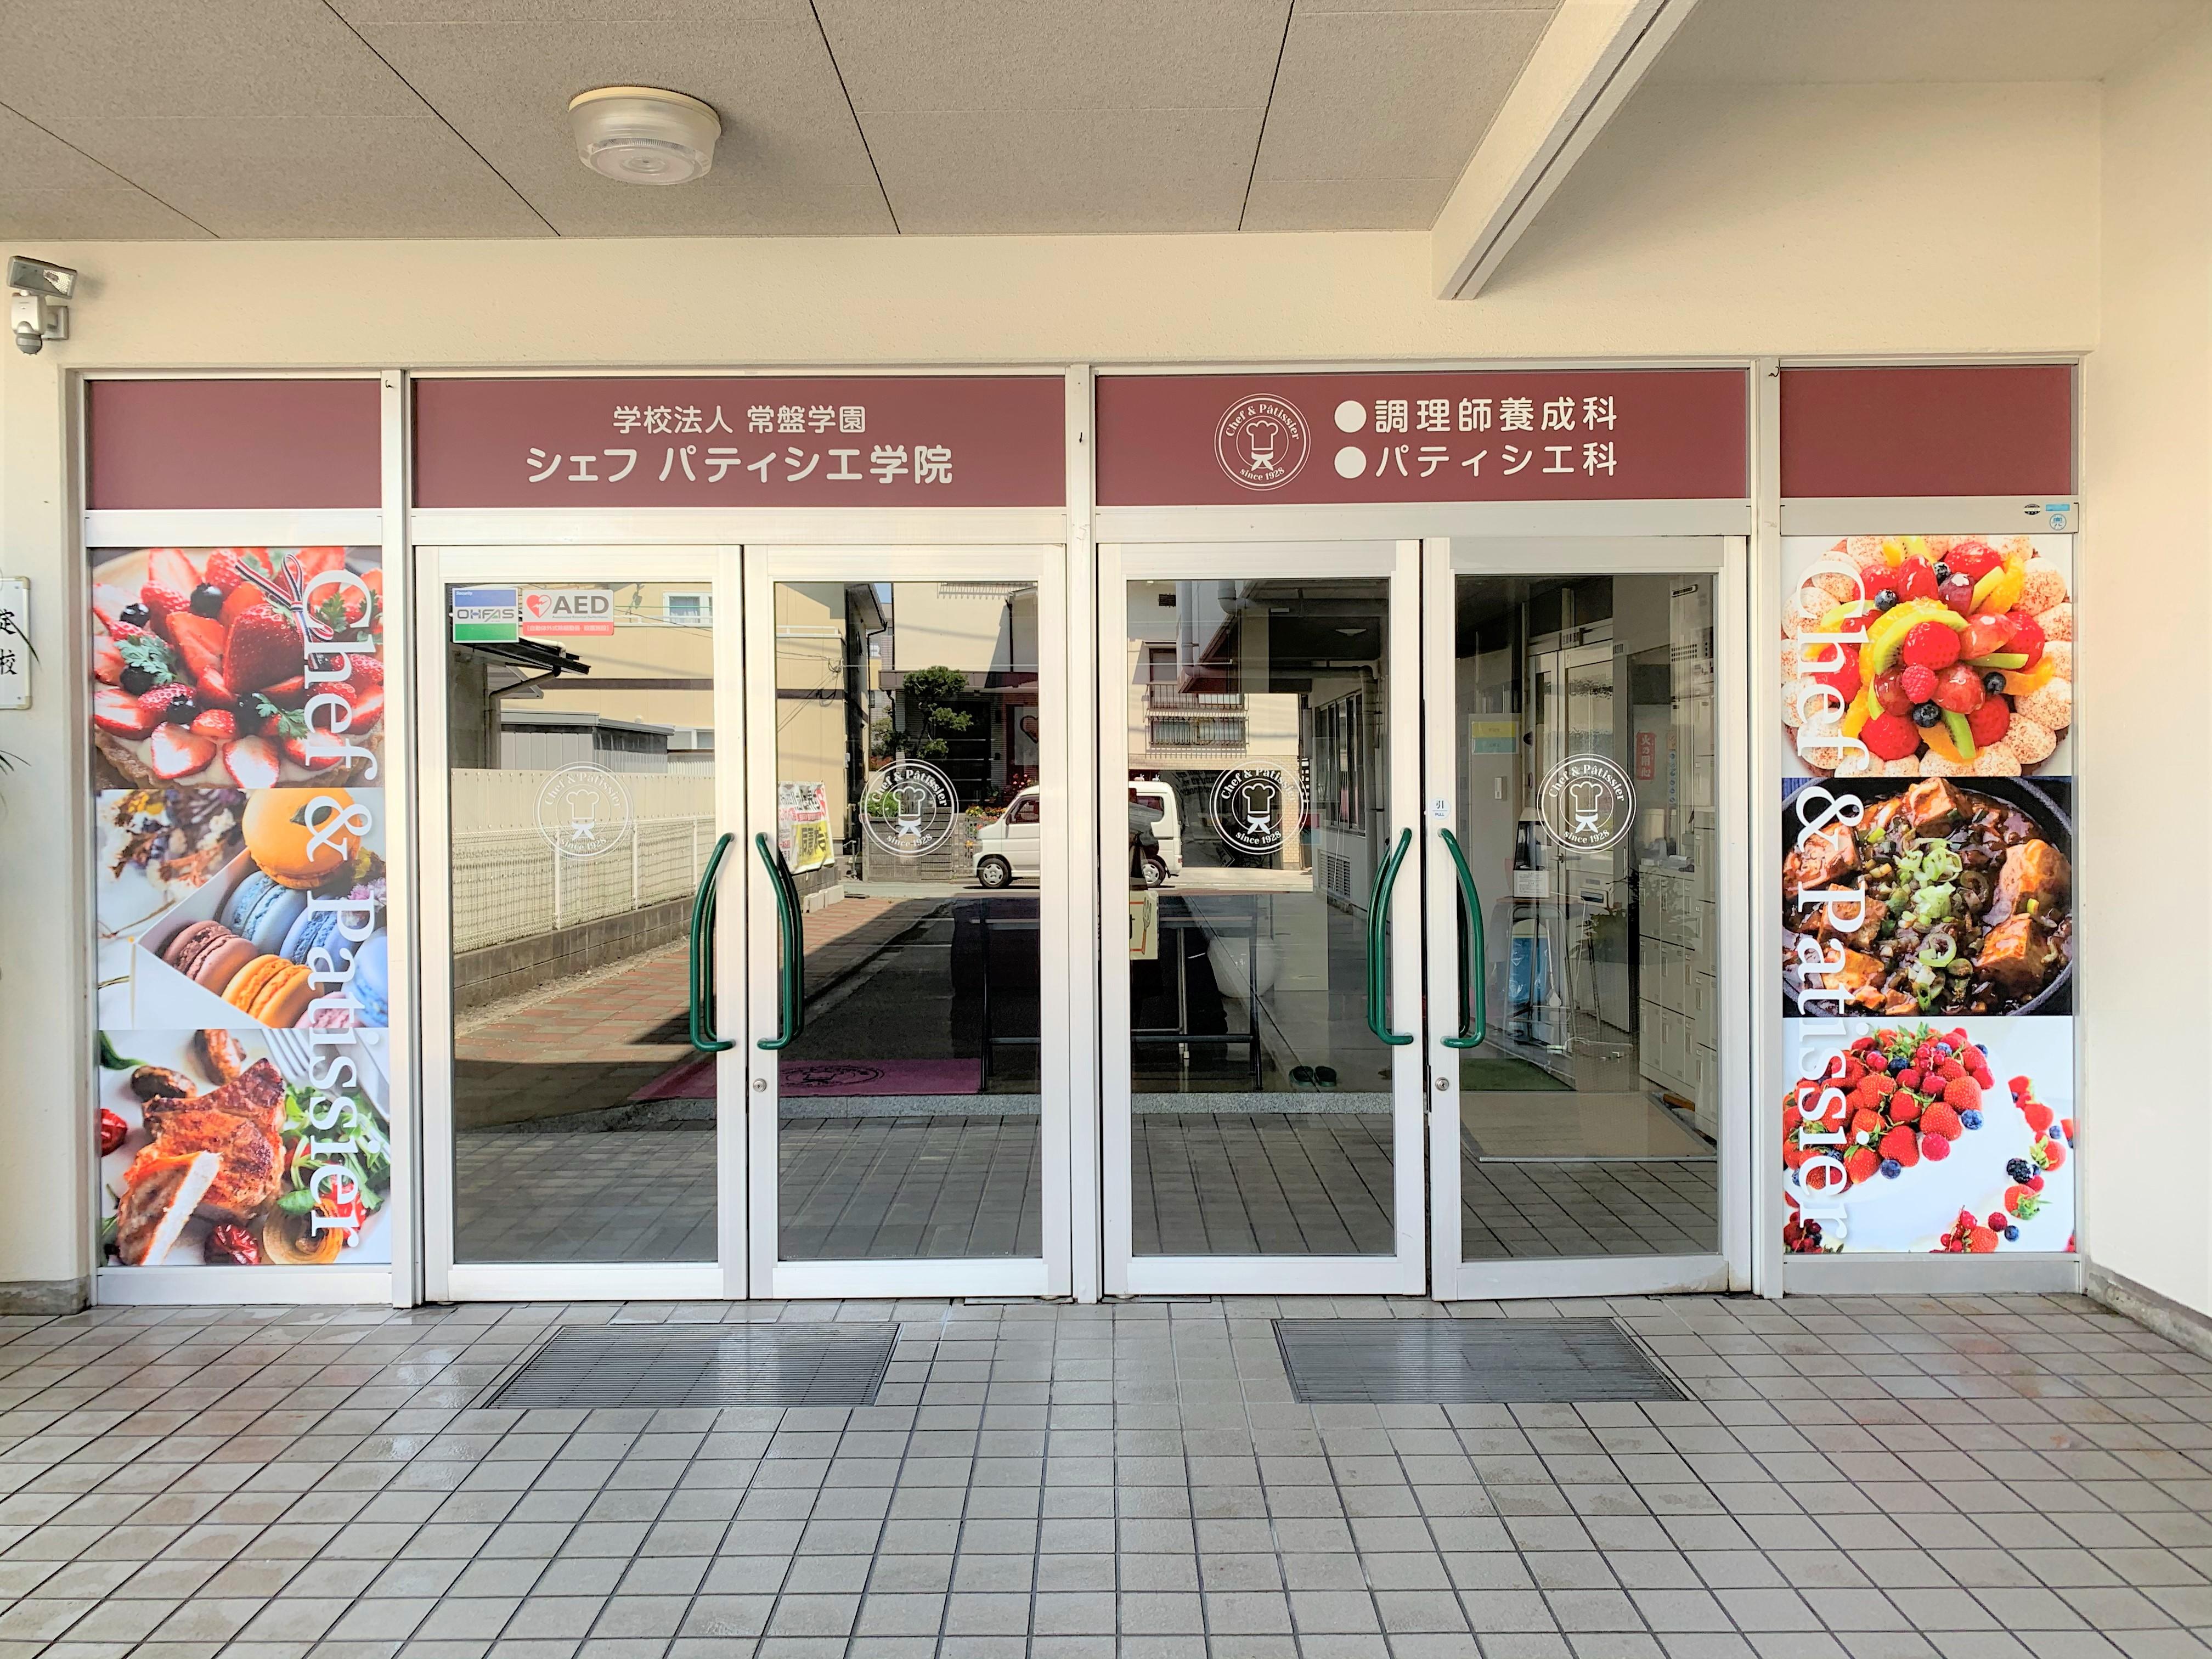 熊本でオンリーワンだから「スゴイ」!